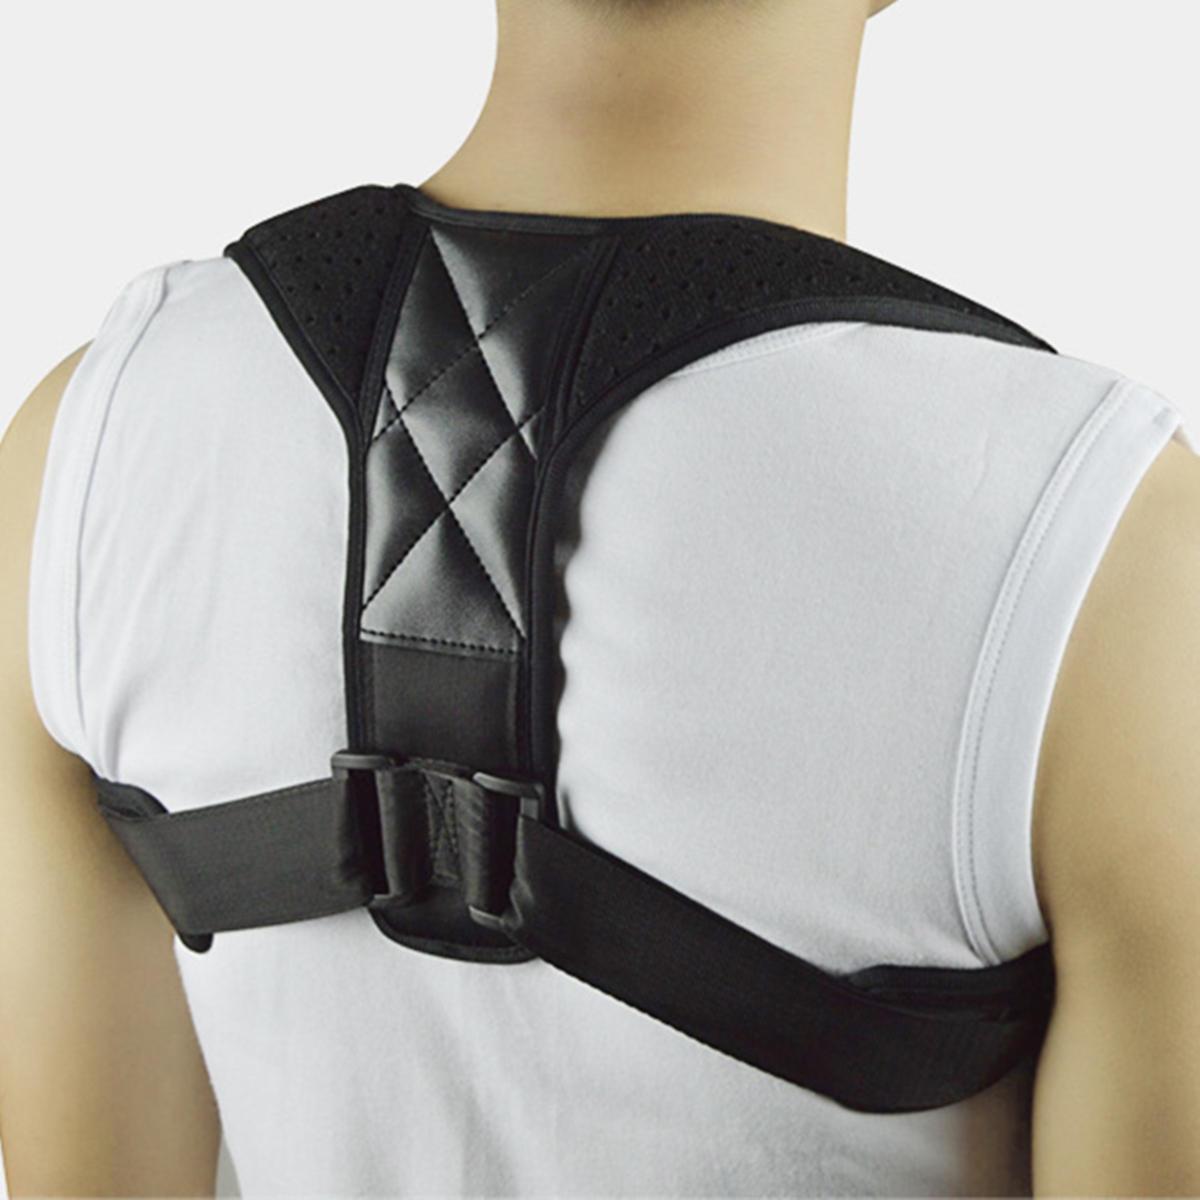 Correttore regolabile per postura per uomini e donne Supporto per clavicola per raddrizzare lo schienale della parte superiore della schiena